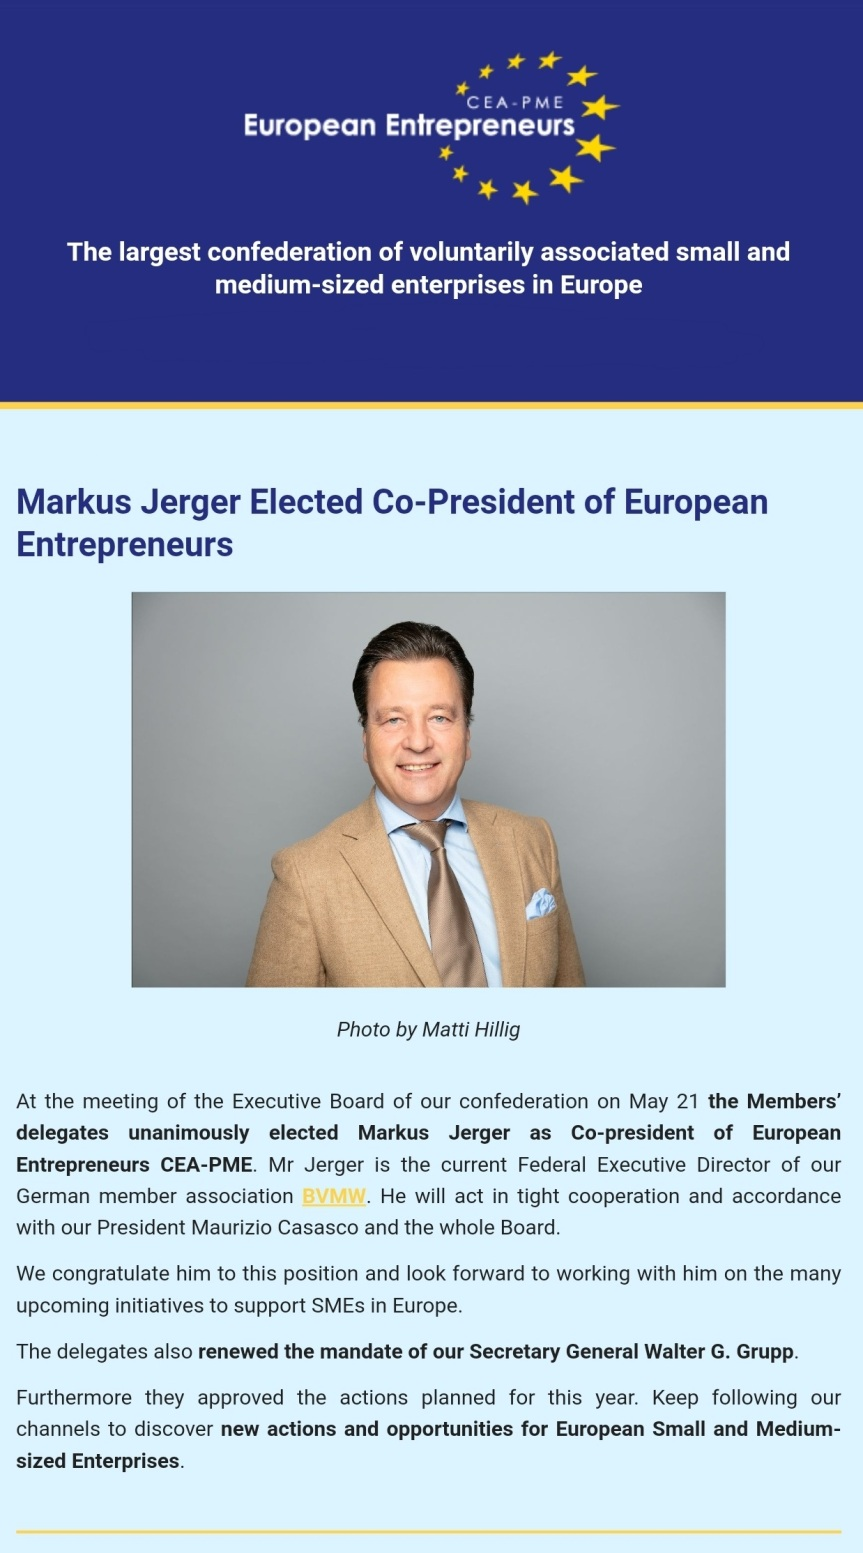 Markus Jerger elected Co-President of European EntrepreneursAssociation